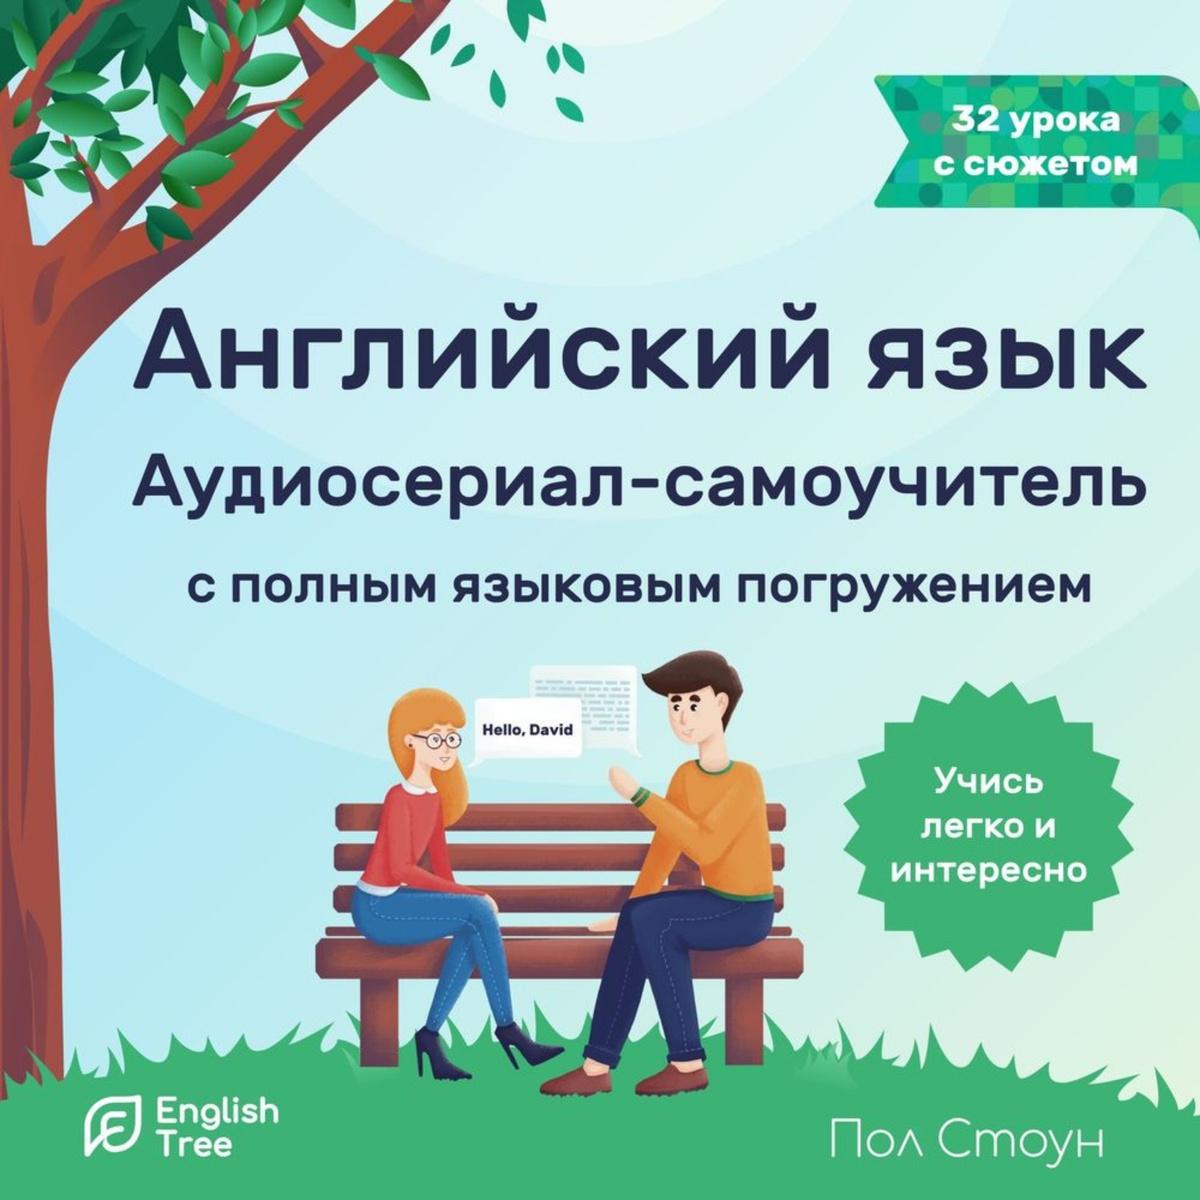 Английский язык. Аудиосериал-самоучитель English Tree | Стоун Пол  #1